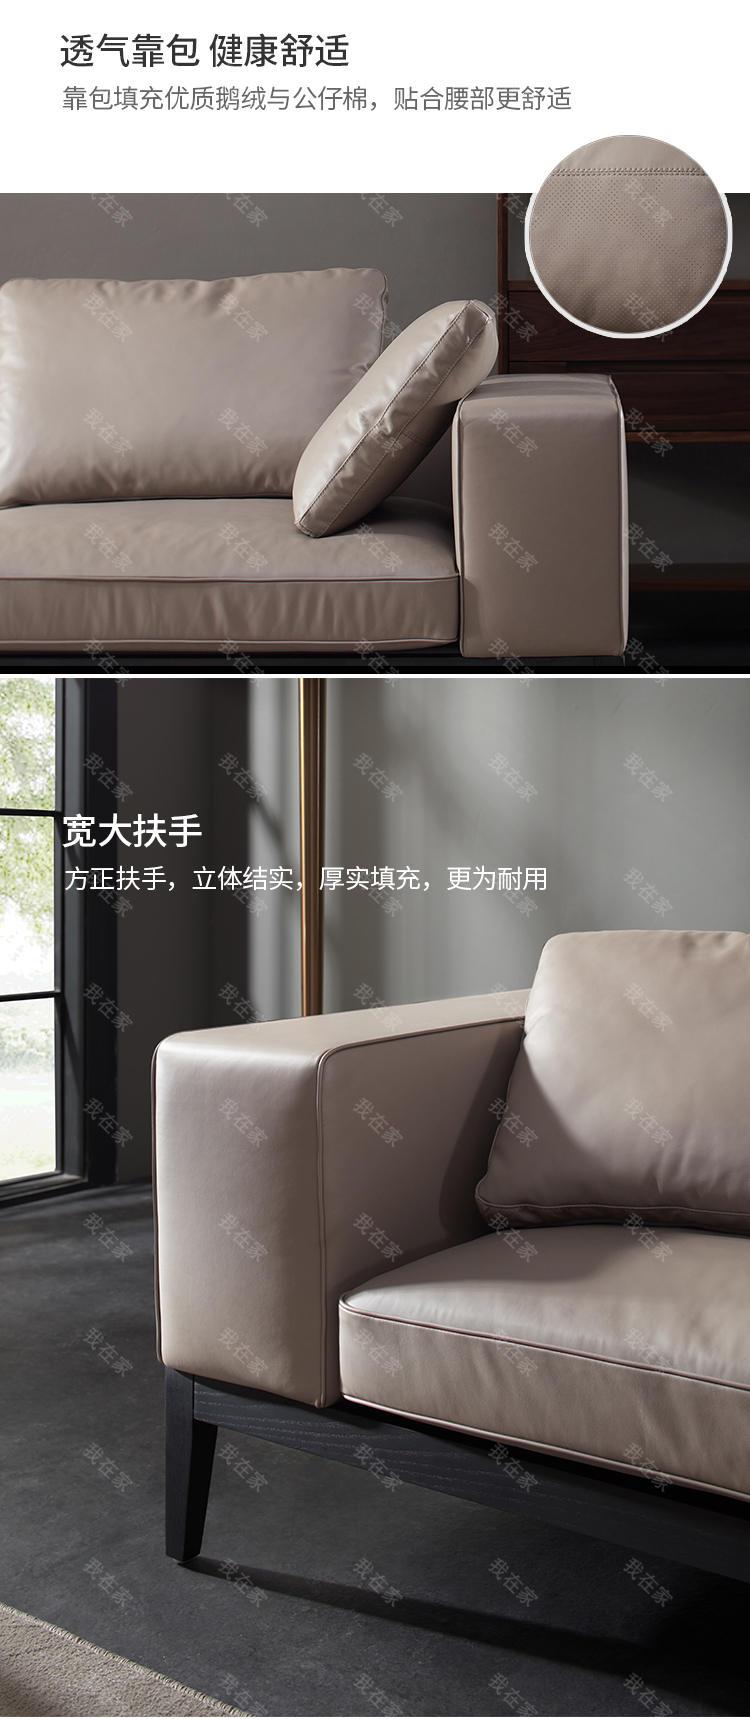 意式极简风格格调沙发的家具详细介绍